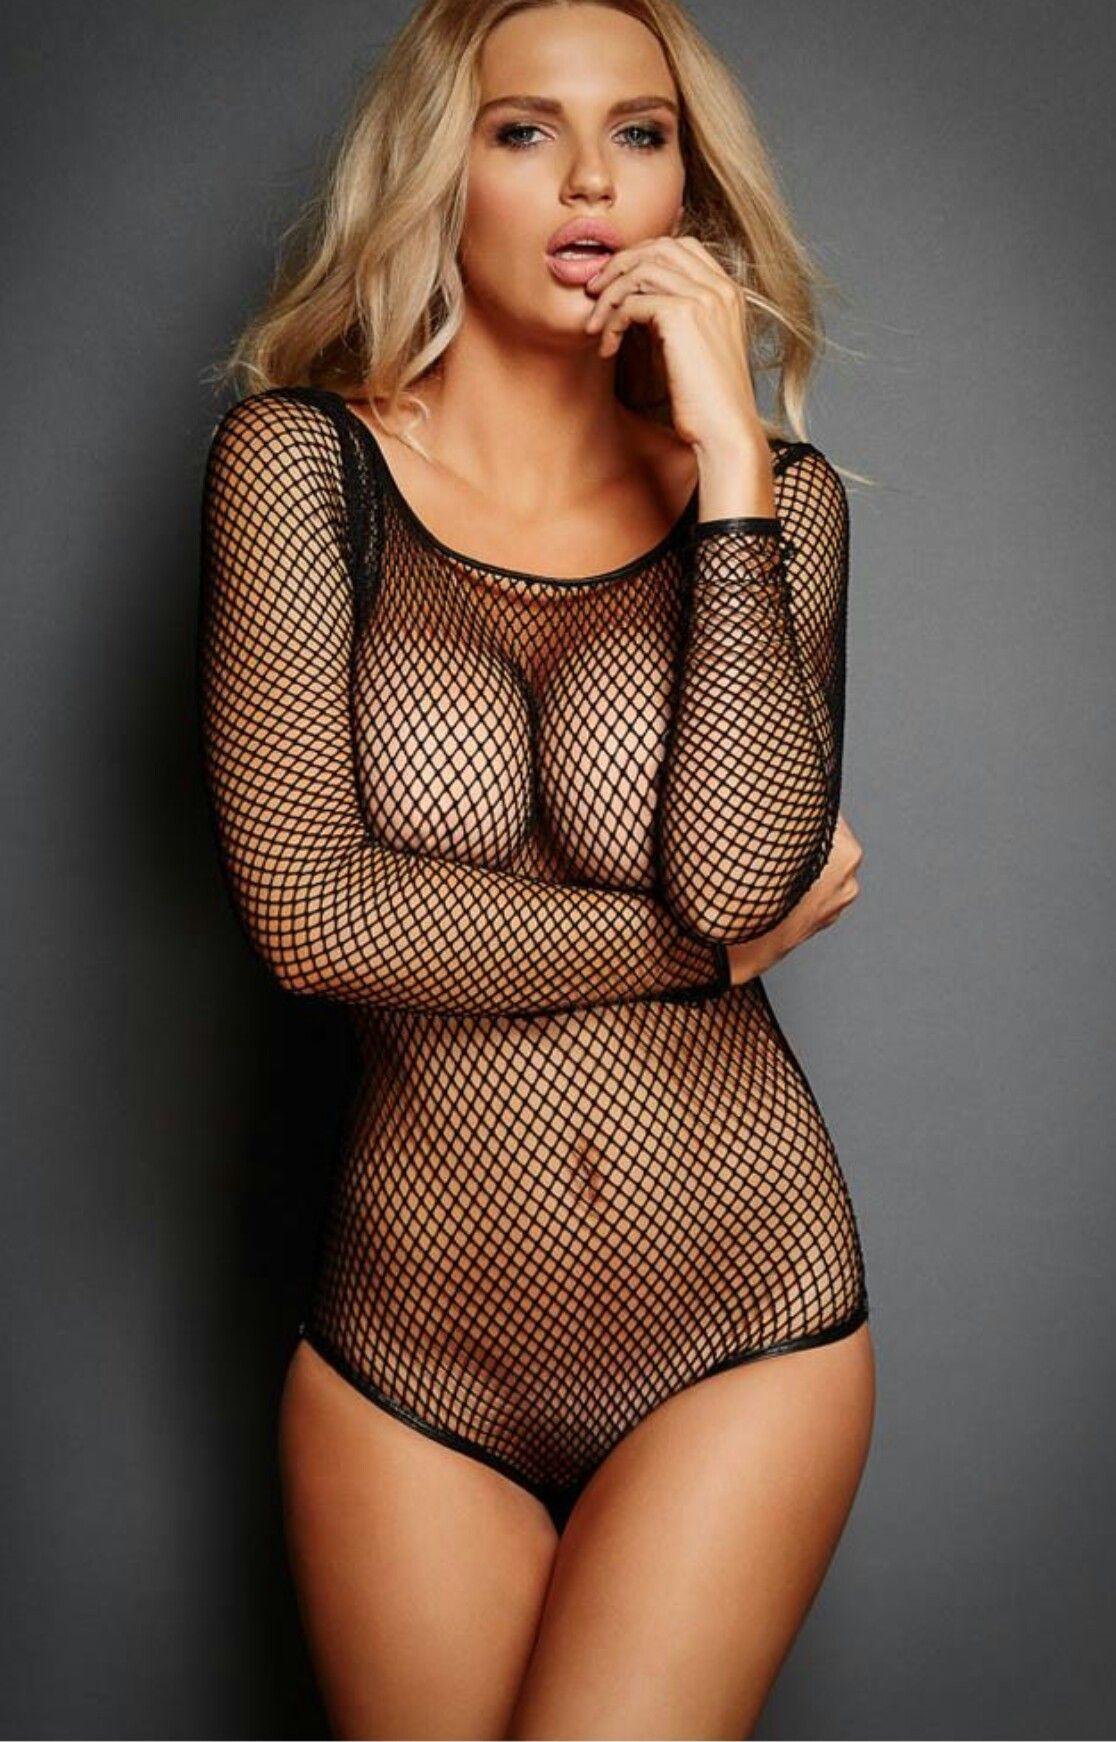 c6085b70df Black fishnet bodysuit. Black fishnet bodysuit Women Lingerie ...